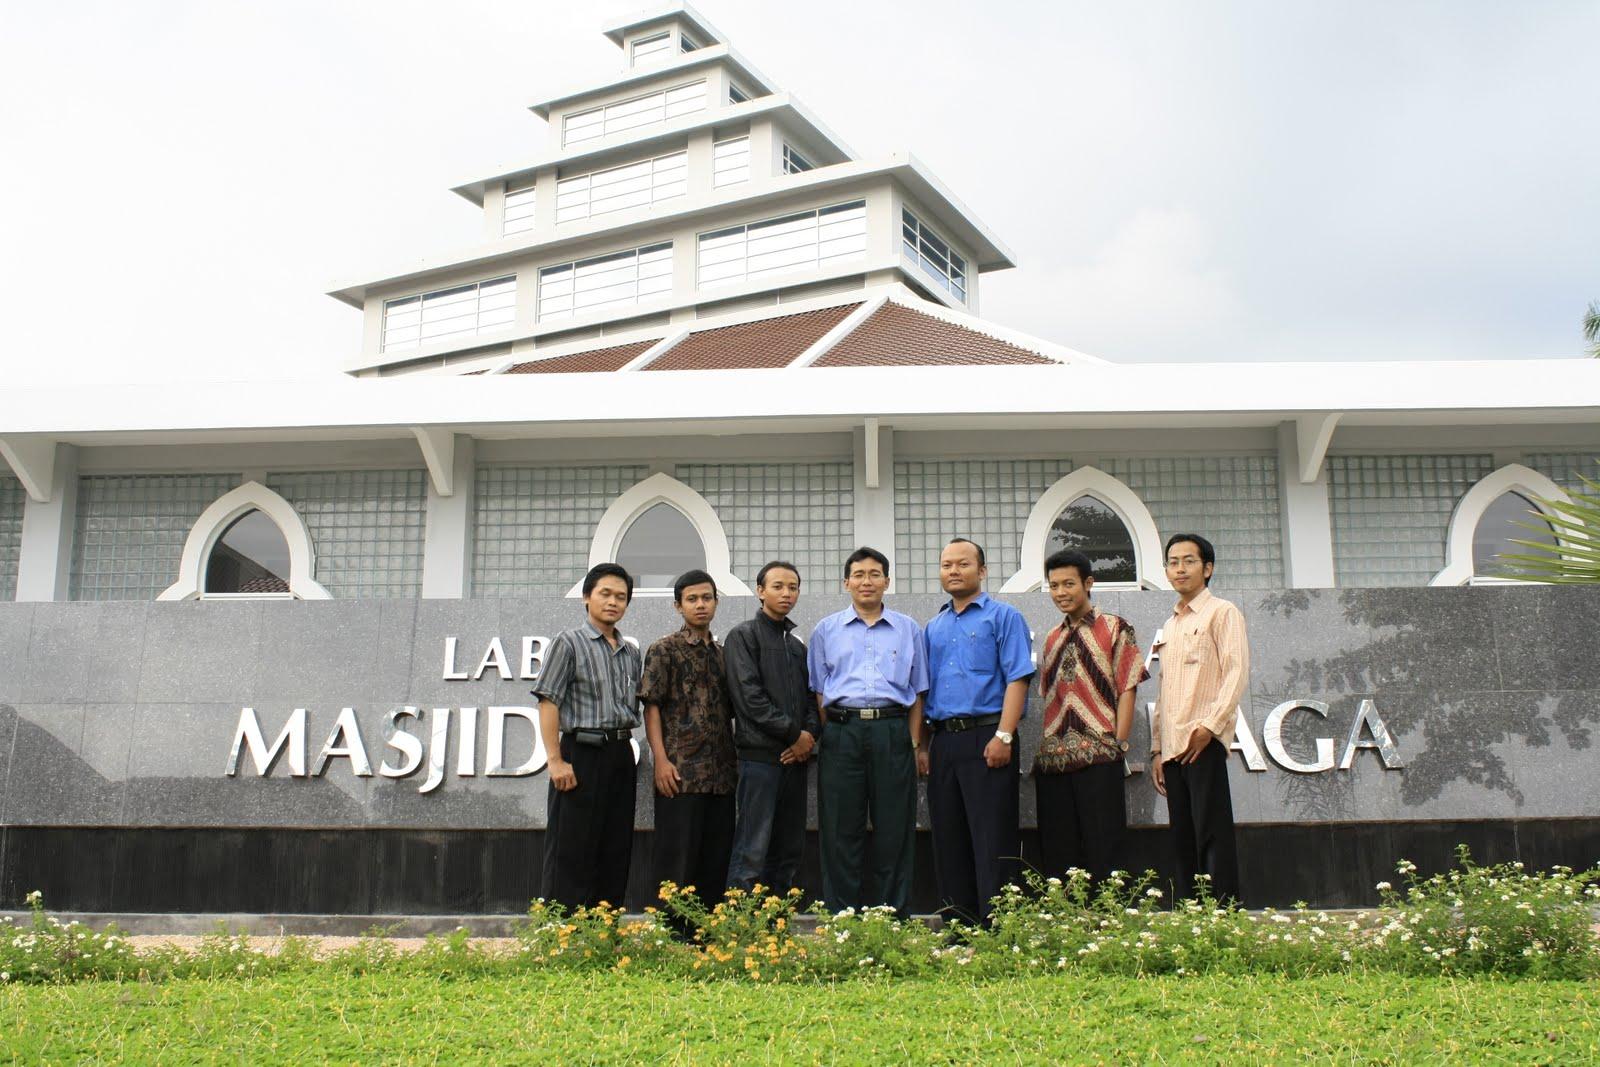 Lab Agama Masjid Sunan Kalijaga Profil Masjid